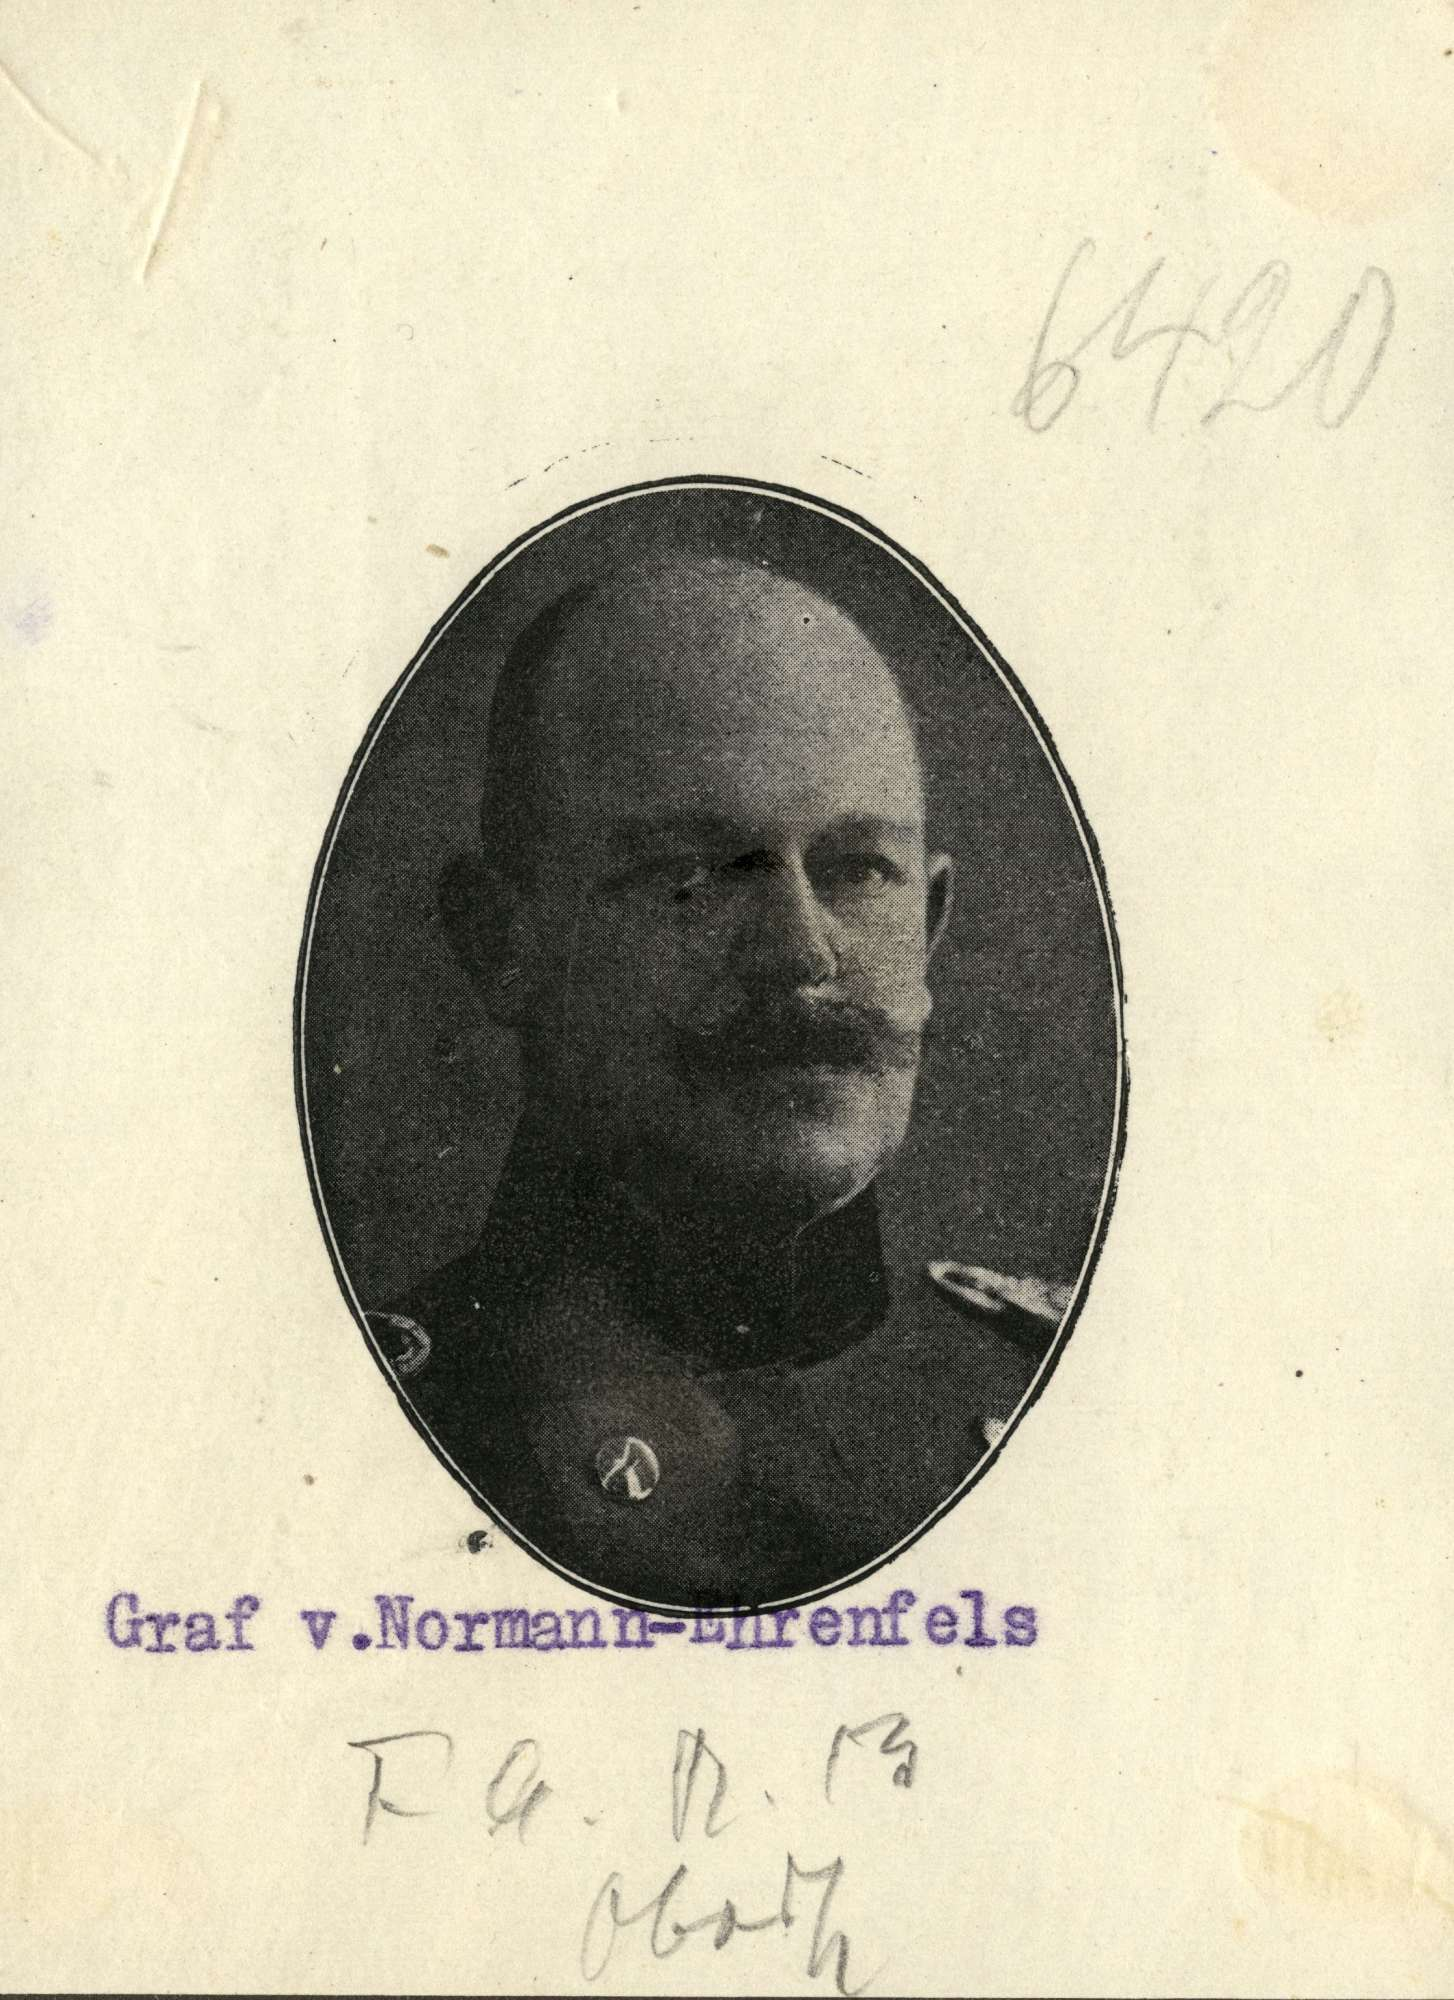 Normann-Ehrenfels, Karl von, Graf, Bild 2